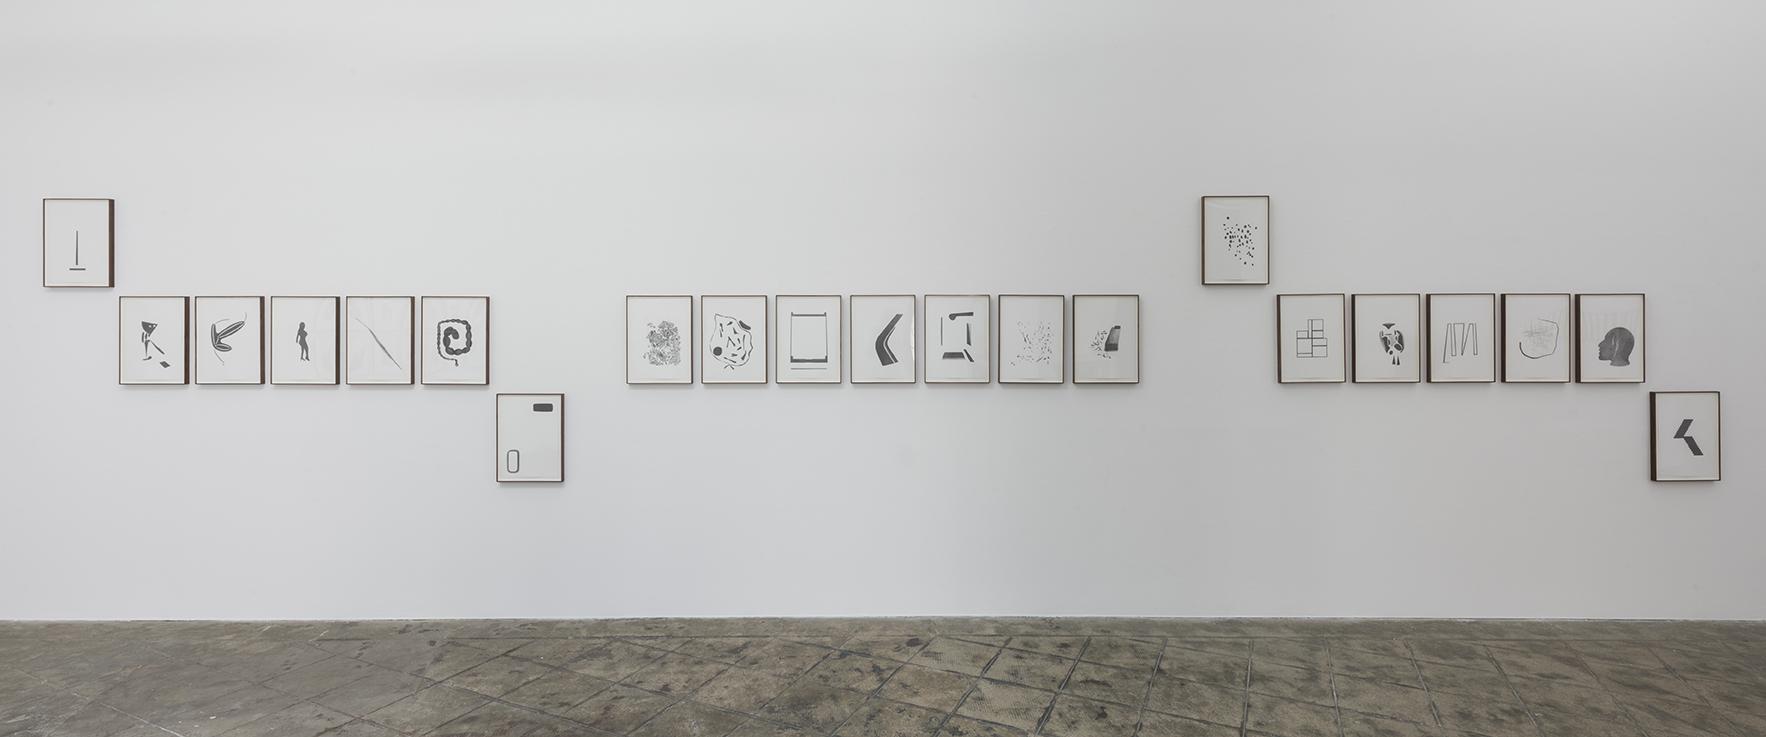 La vida abstracta de Billy Murcia, 2015 |  | ProjecteSD